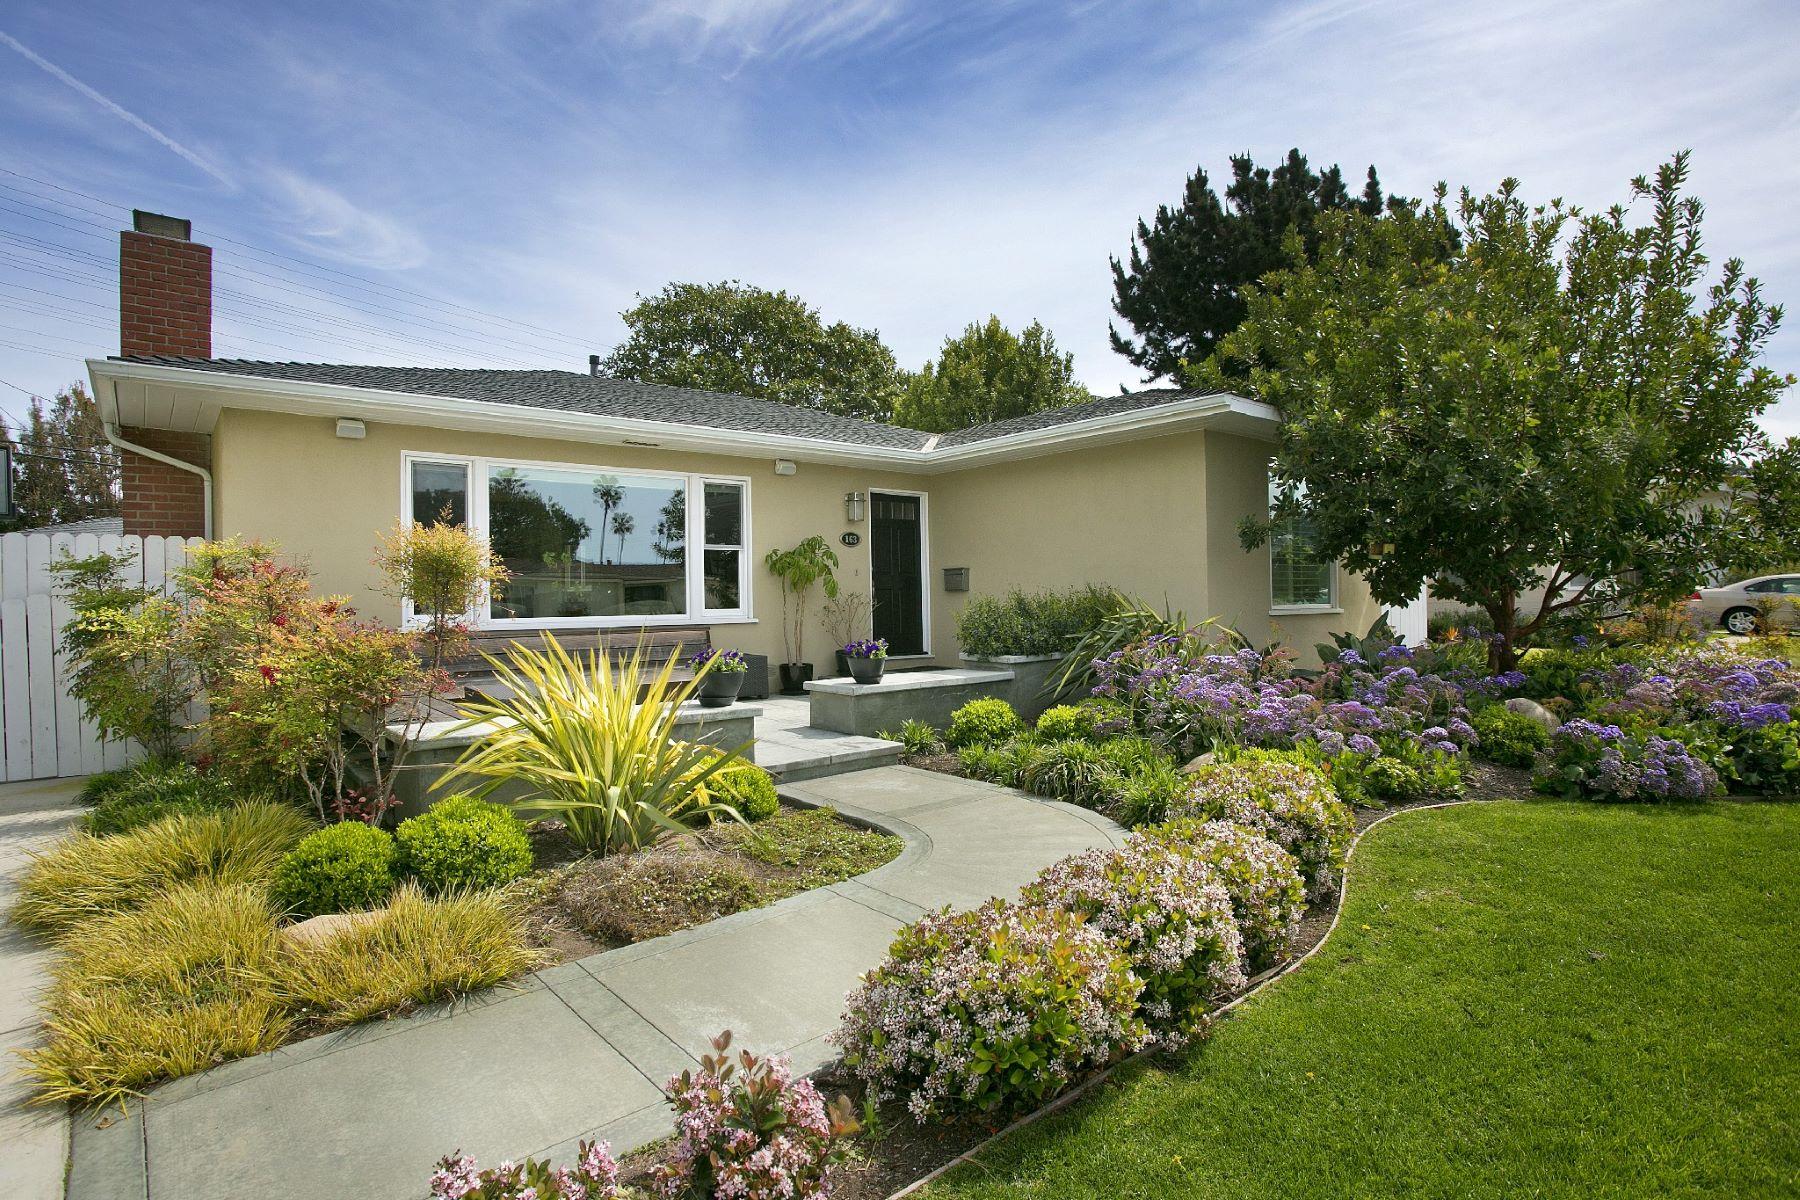 独户住宅 为 出租 在 163 Via Los Altos, Redondo Beach 90277 雷东多海滩, 加利福尼亚州, 90277 美国